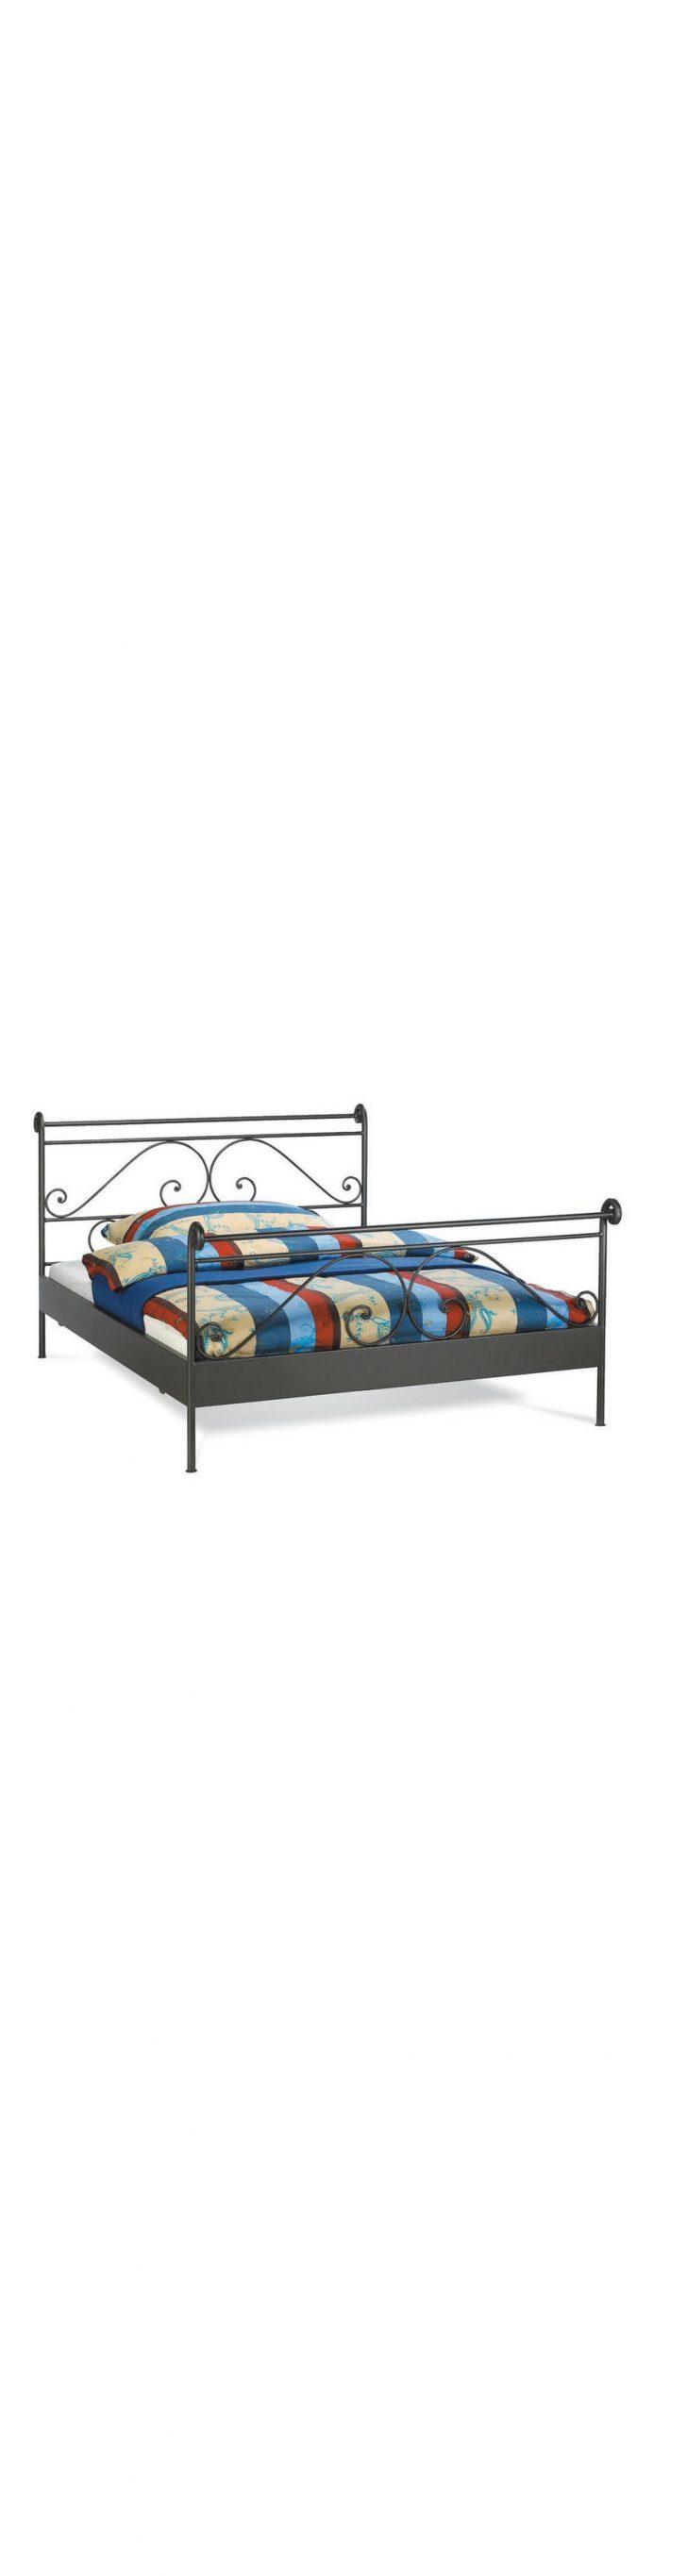 Medium Size of Bett 160 200 Cm Online Kaufen Xxxlutz Betten 200x220 Weiße Bette Badewanne Meise Innocent Metall Ausziehbares Mit Schubladen Sitzbank 220 X Weißes 90x200 120 Bett Bett Metall